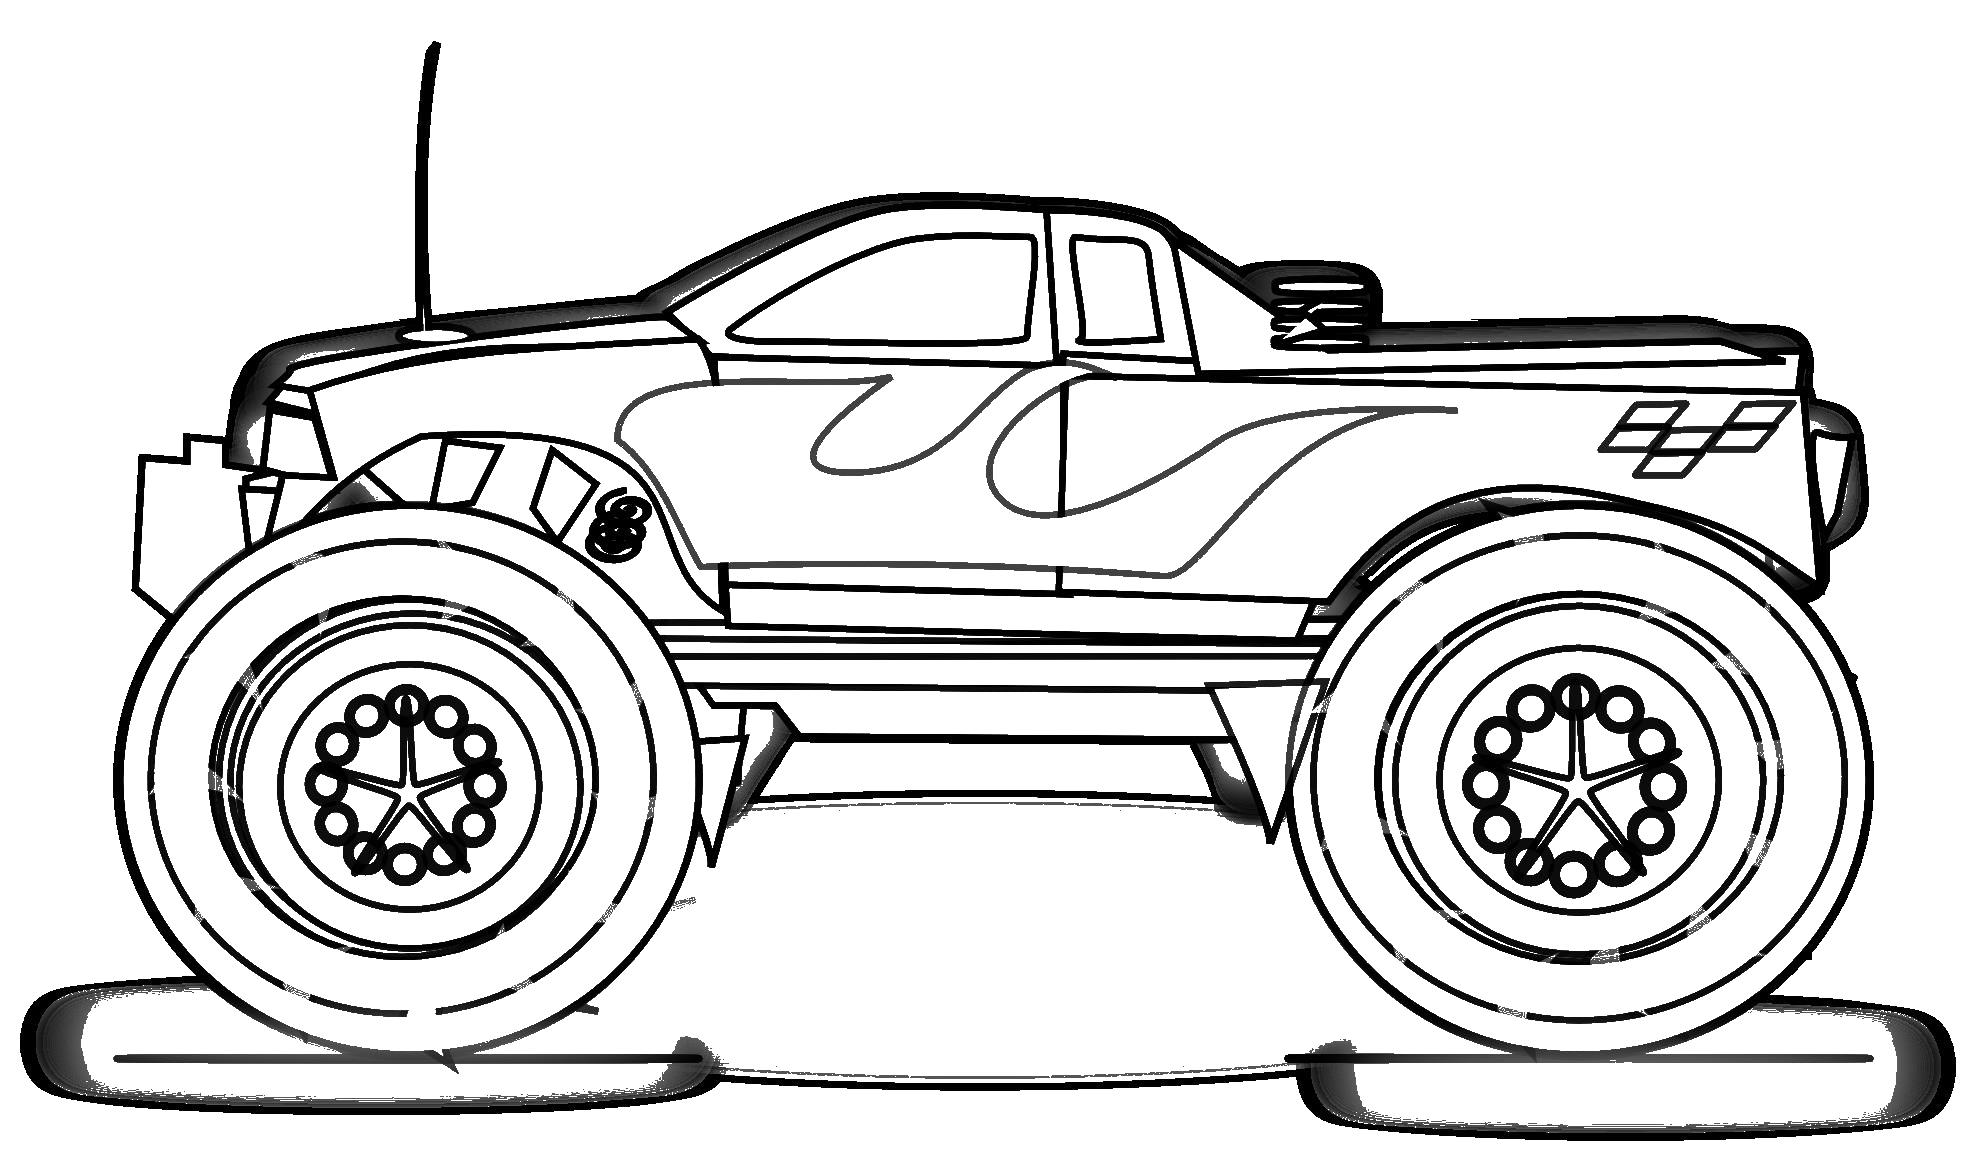 Огромный пикап вид с боку машина с антенной и большими колесами Картинки раскраски машины